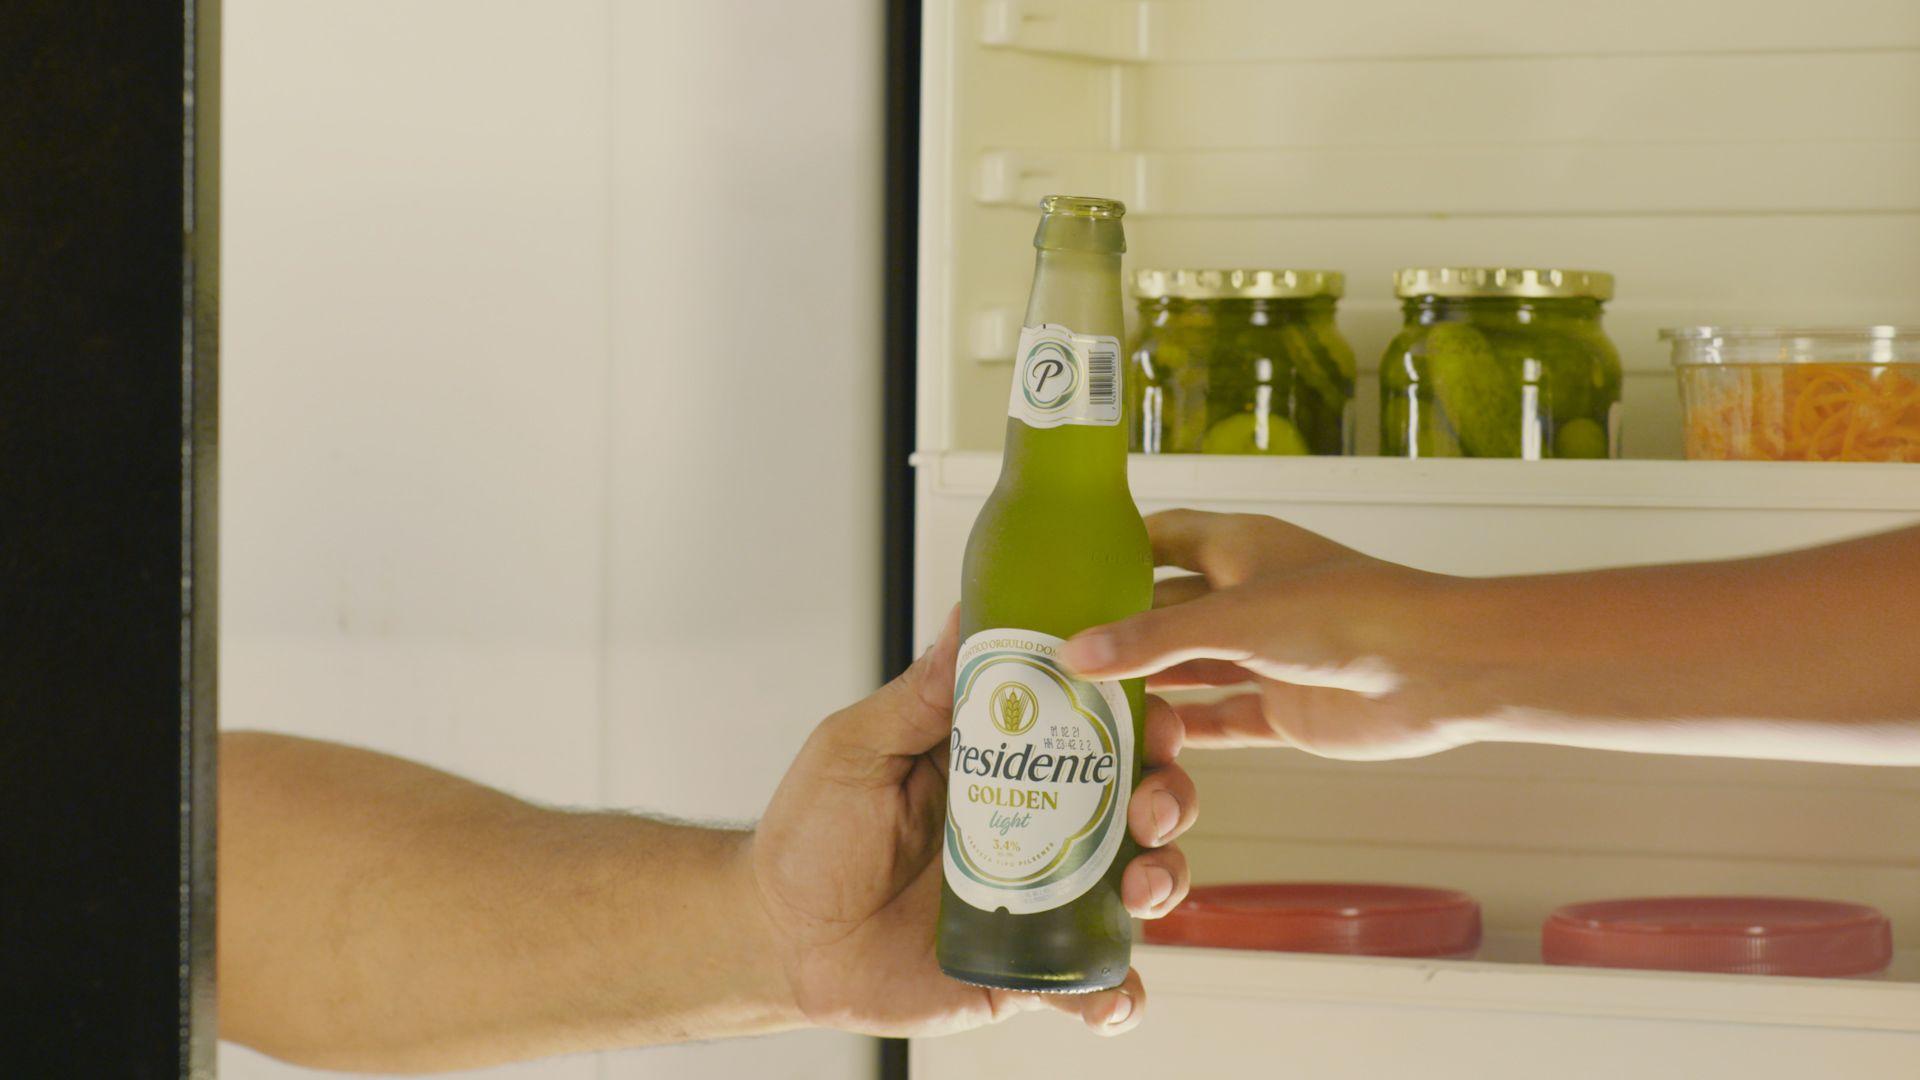 <p><strong>Cerveza Presidente introduce la nueva Presidente Golden Light</strong></p>